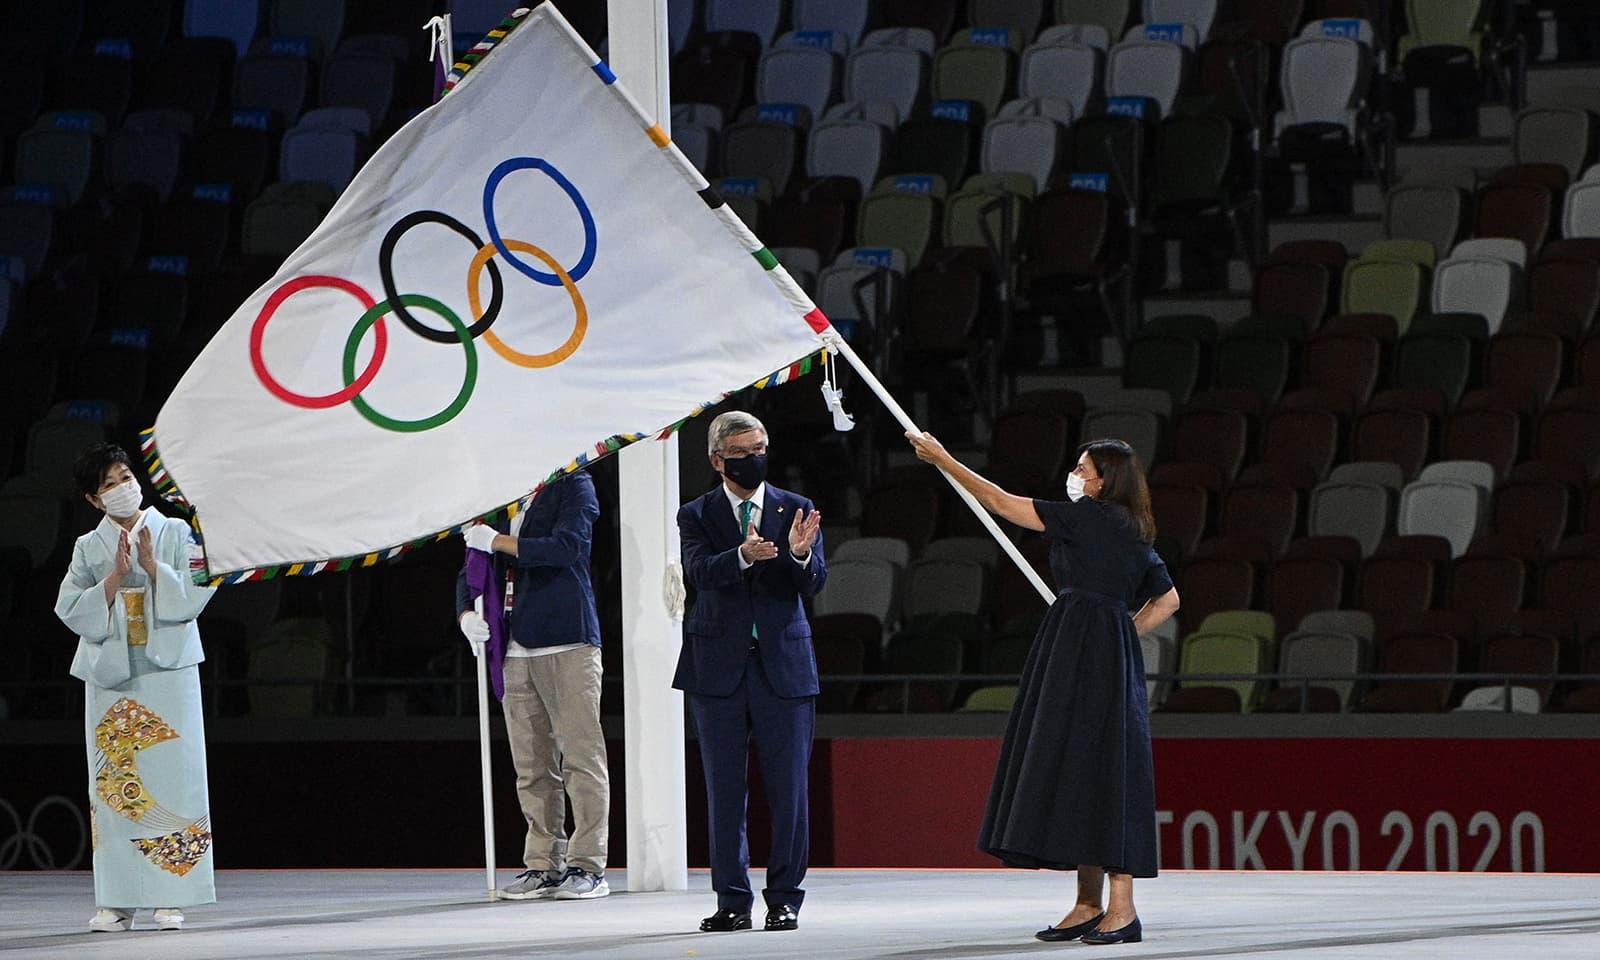 انٹرنیشنل اولممپک کمیٹی کے صدر تھامس بیچ نے اولمپک پرچم فرانس کے دارالحکومت پیرس کی میئر کے حوالے کیا جہاں اولمپک گیمز 2024 منعقد ہوں گے—فوٹو: اے ایف پی